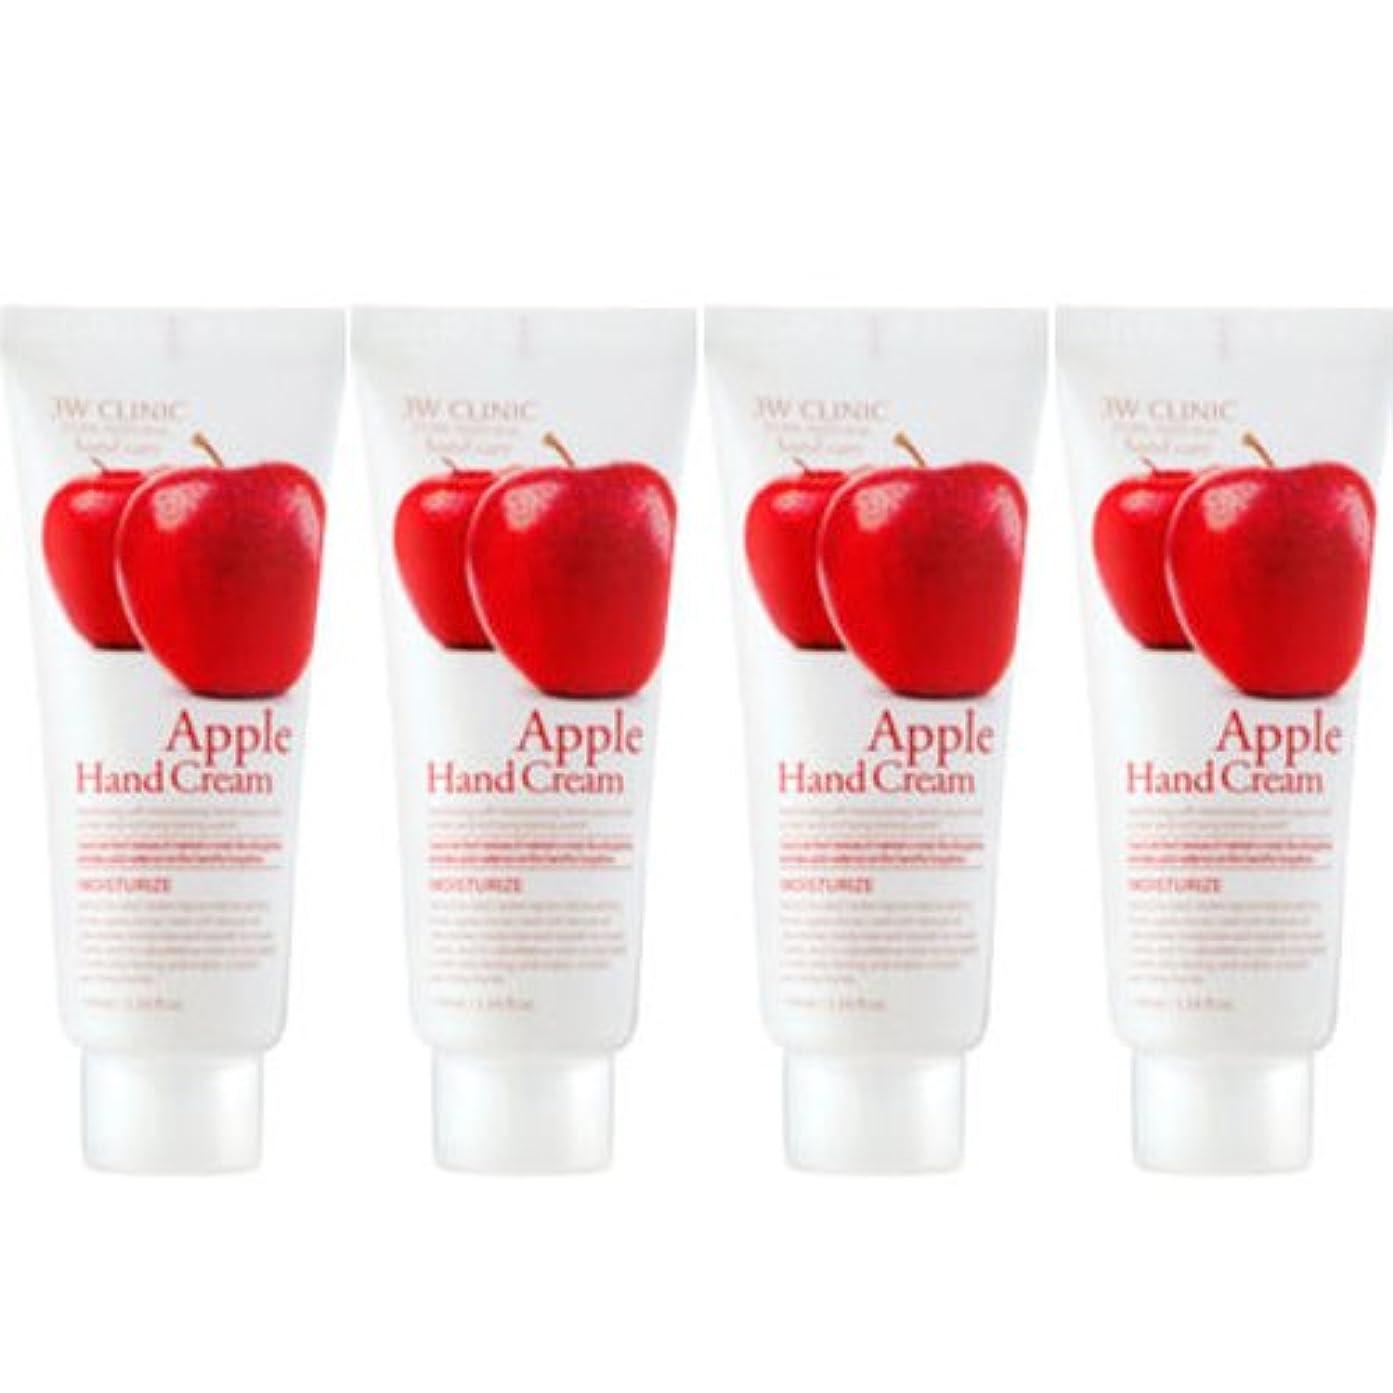 入植者トースト真鍮3w Clinic[韓国コスメARRAHAN]Moisturizing Apple Hand Cream モイスチャーリングリンゴハンドクリーム100mlX4個 [並行輸入品]